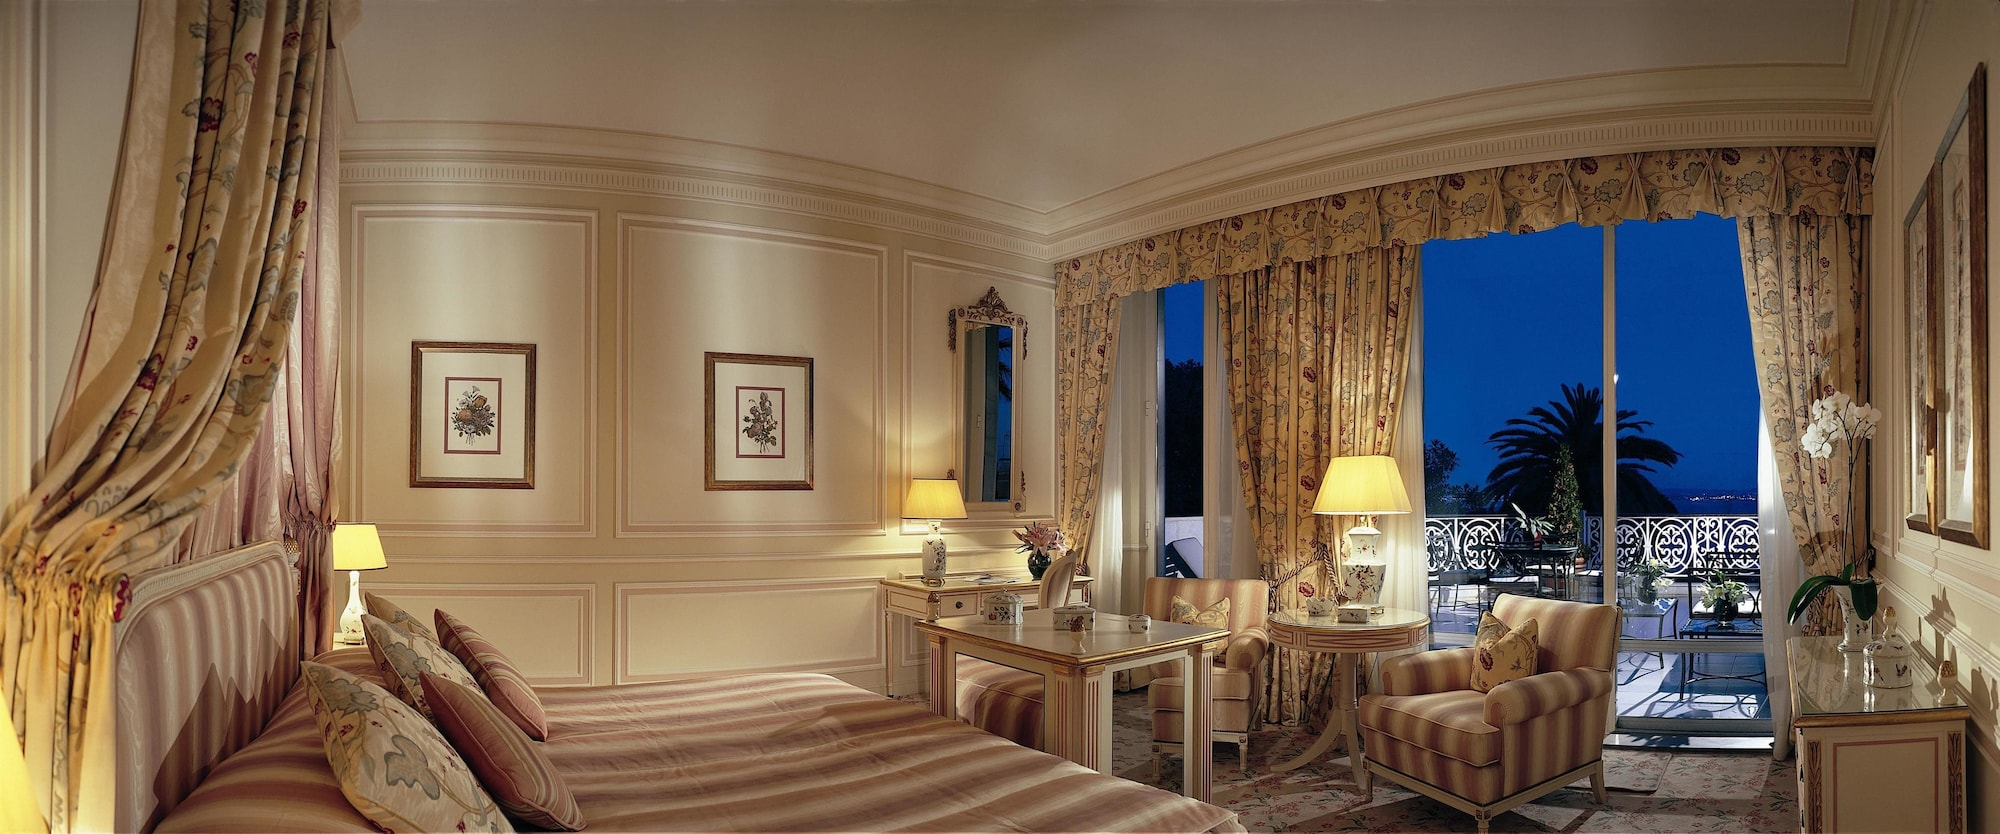 Olissippo Lapa Palace – The Leading Hotels of the World, Lisboa